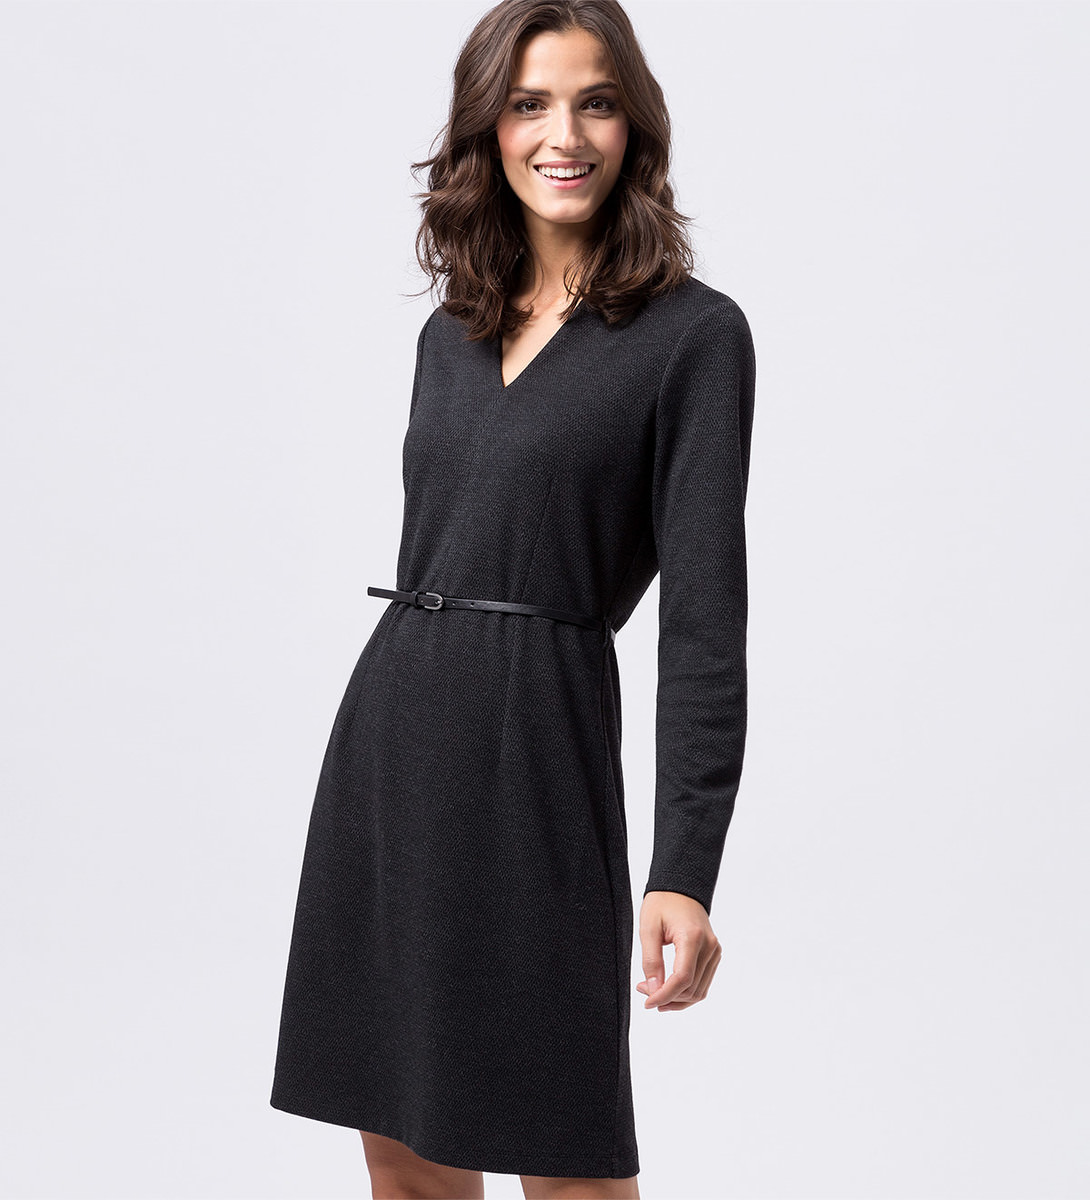 Kleid mit Gürtel in black